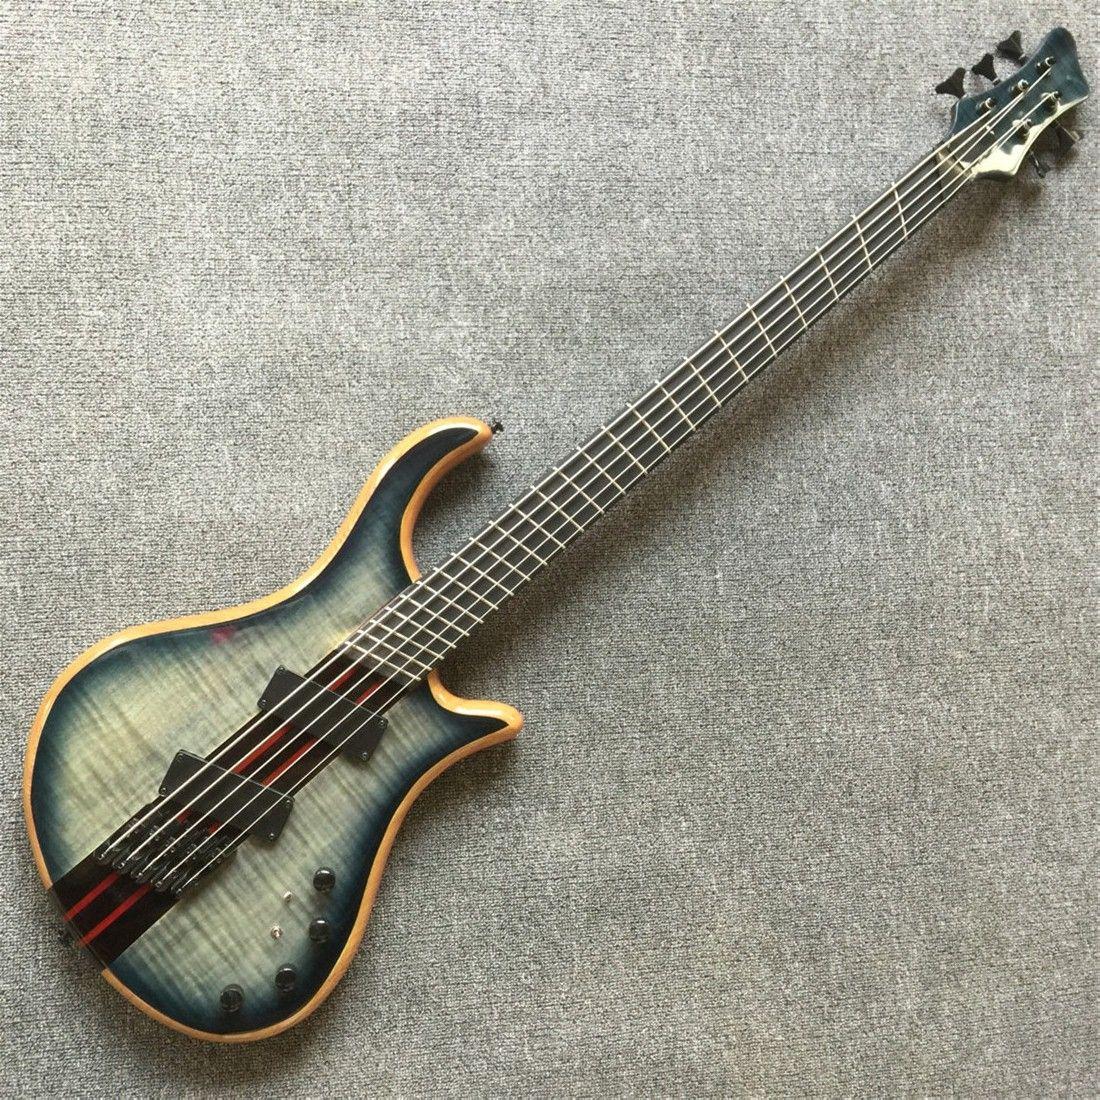 Guitare basse électrique 6 cordes corps en érable 1 manche micros actifs basse Guitare Basse instruments de musique